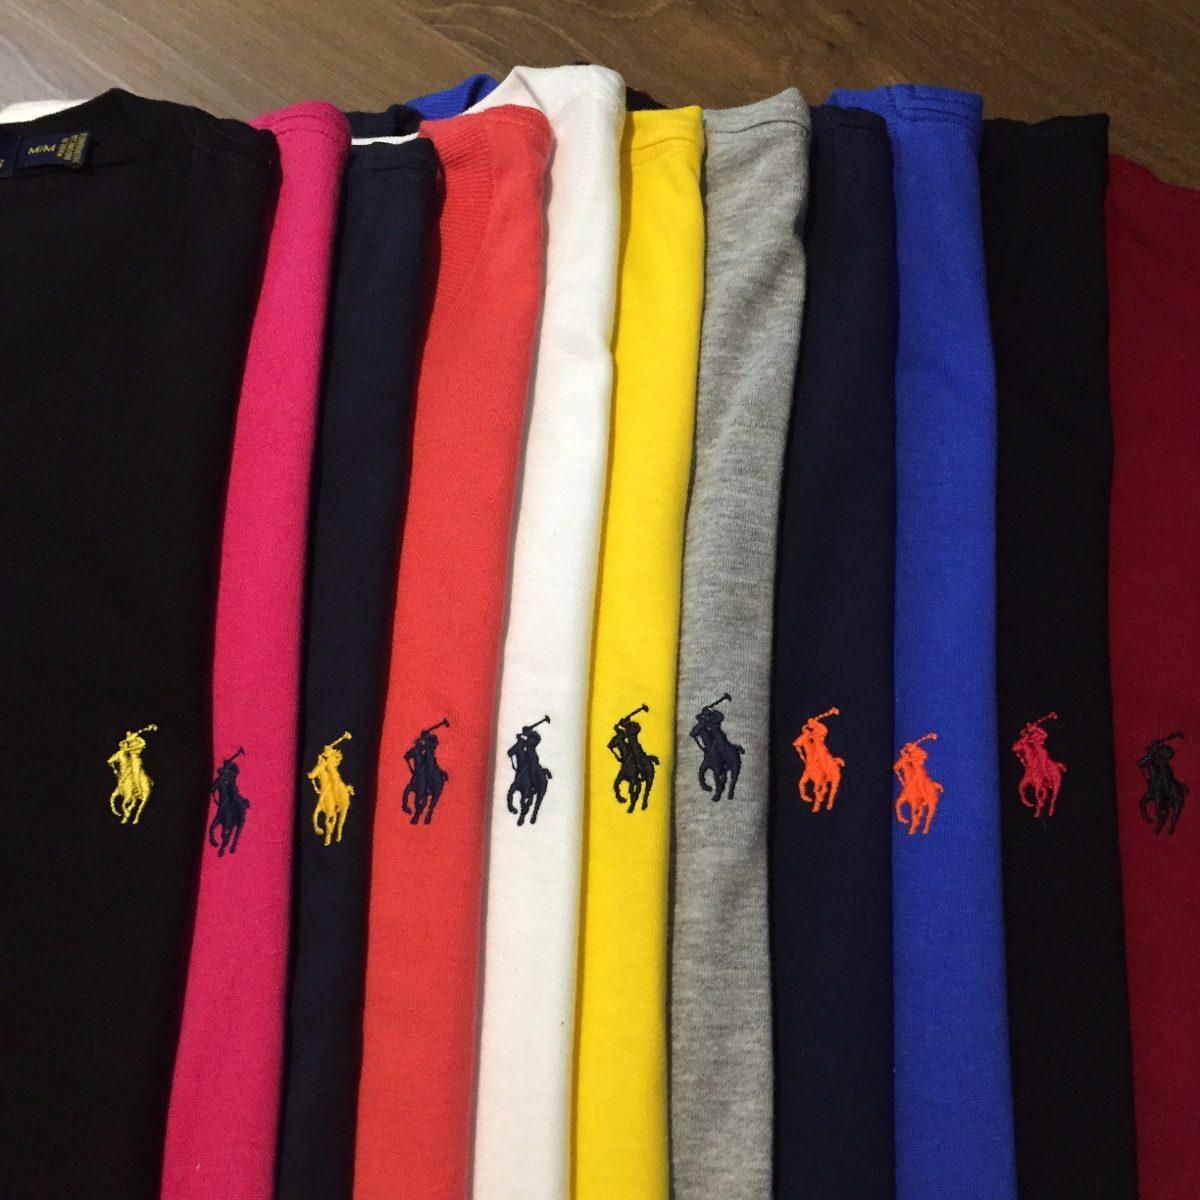 kit 2 camisetas polo ralph lauren originais atacado!!! Carregando zoom. a72c75eeb4